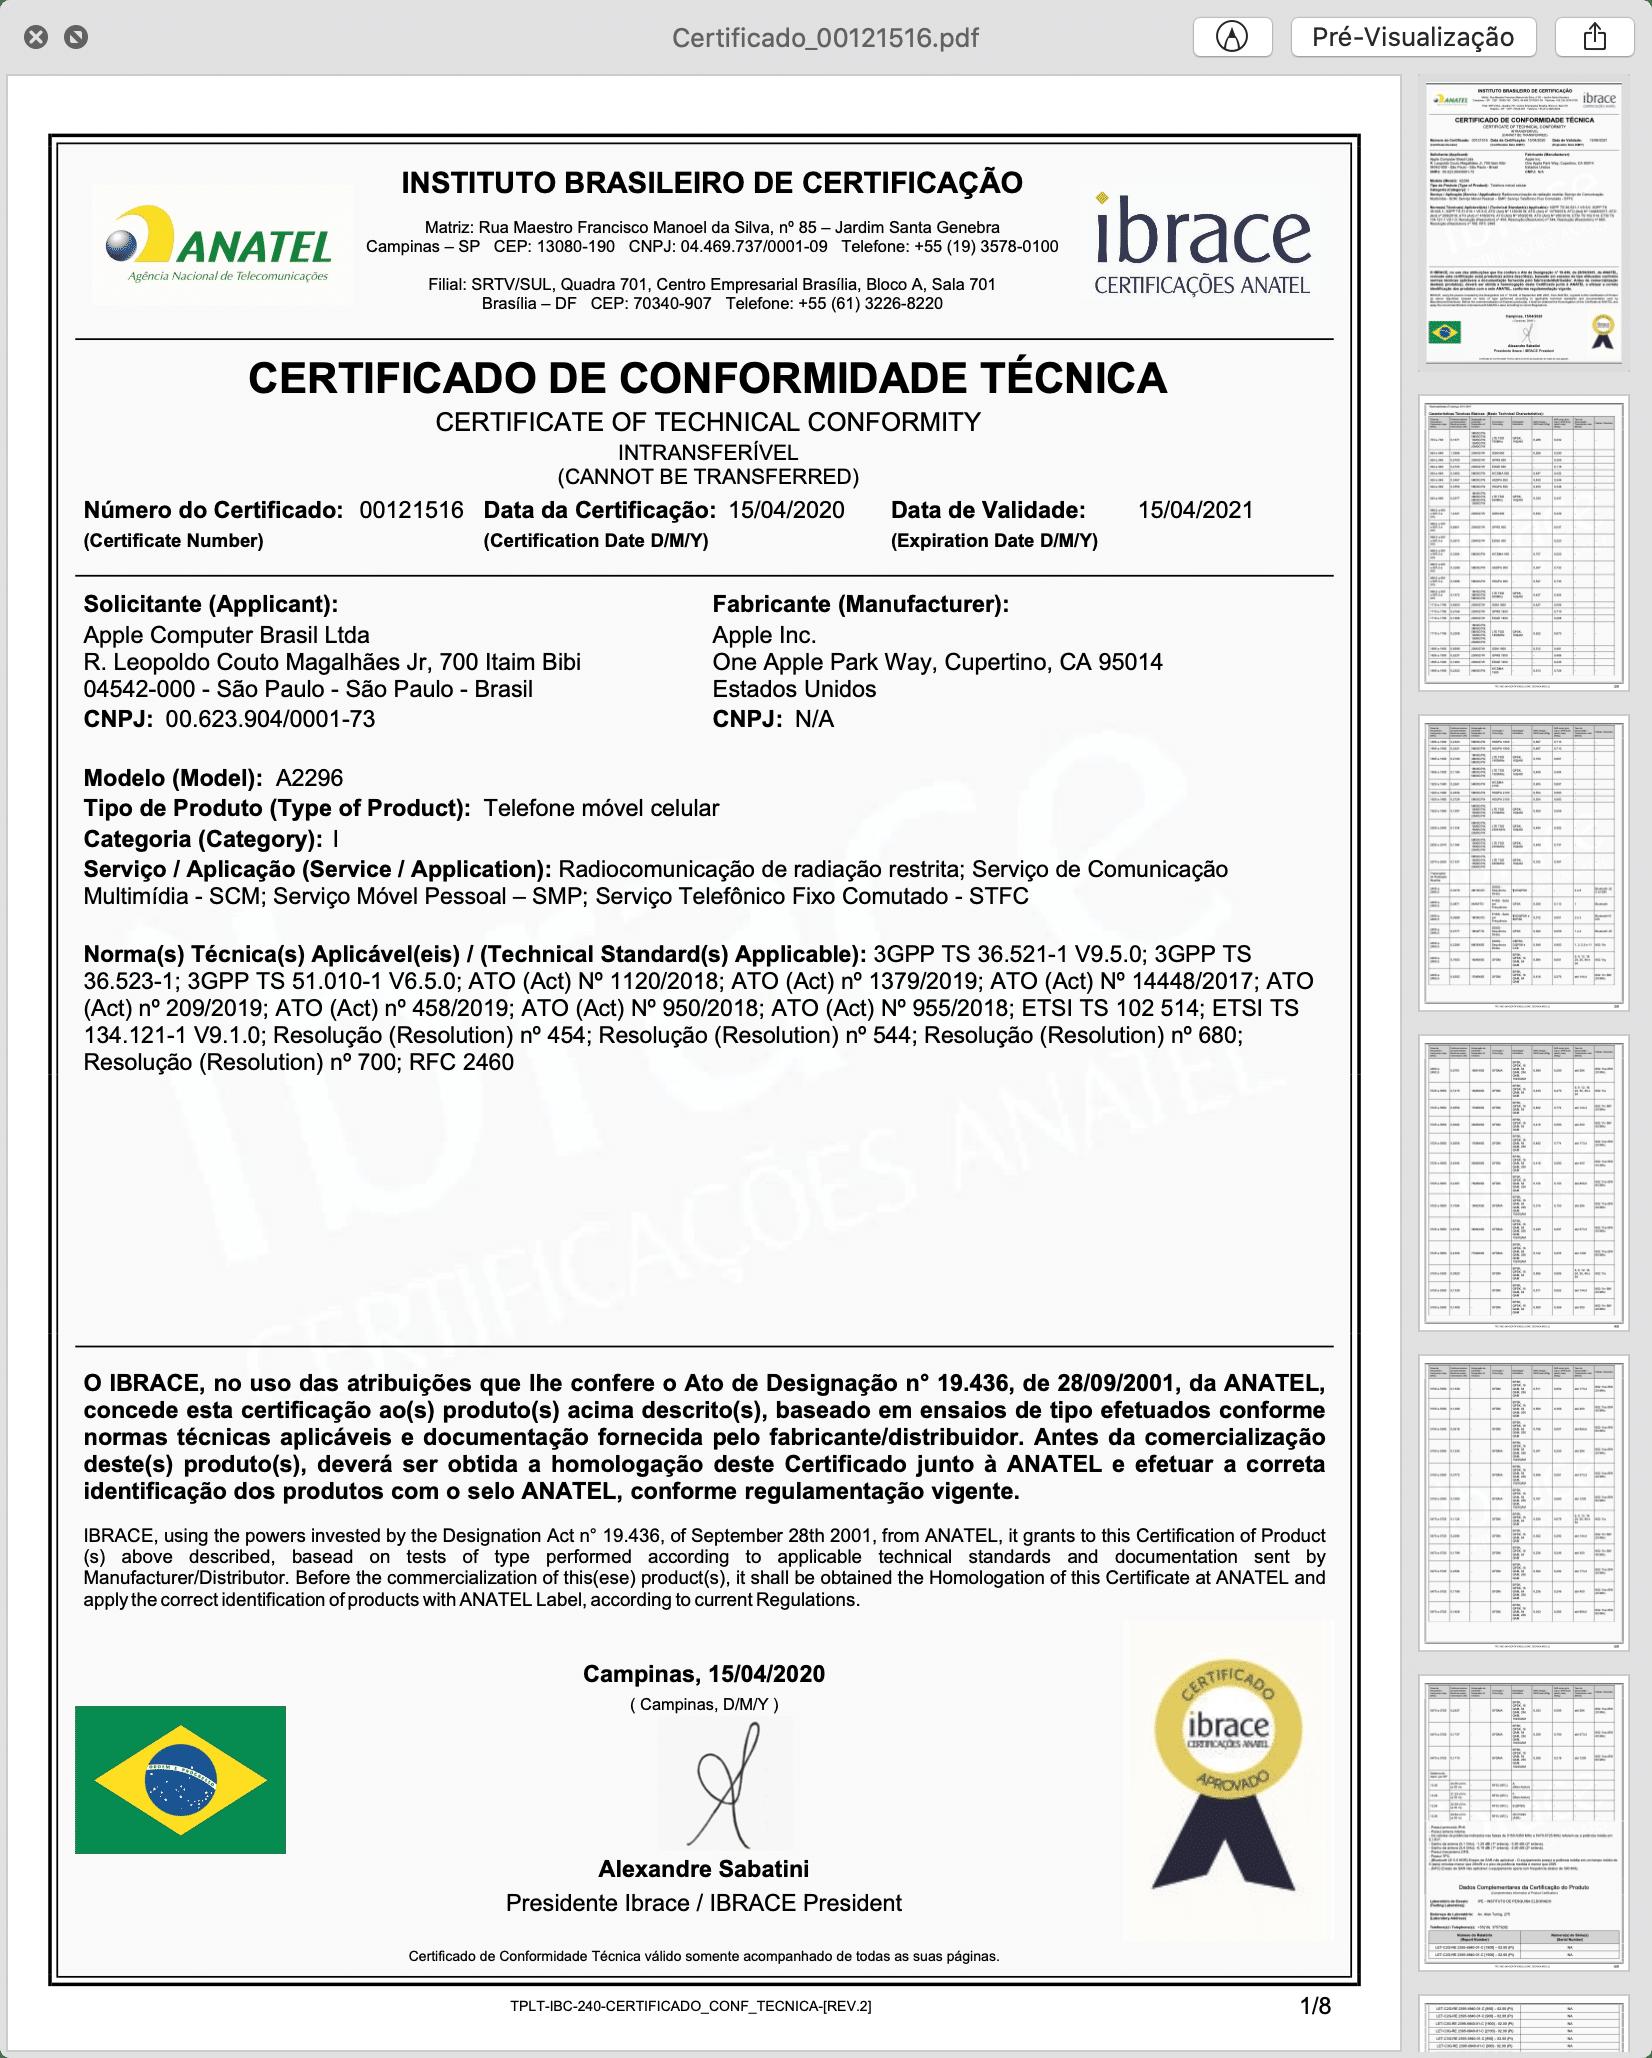 Certificado de Conformidade Técnica do novo iPhone SE